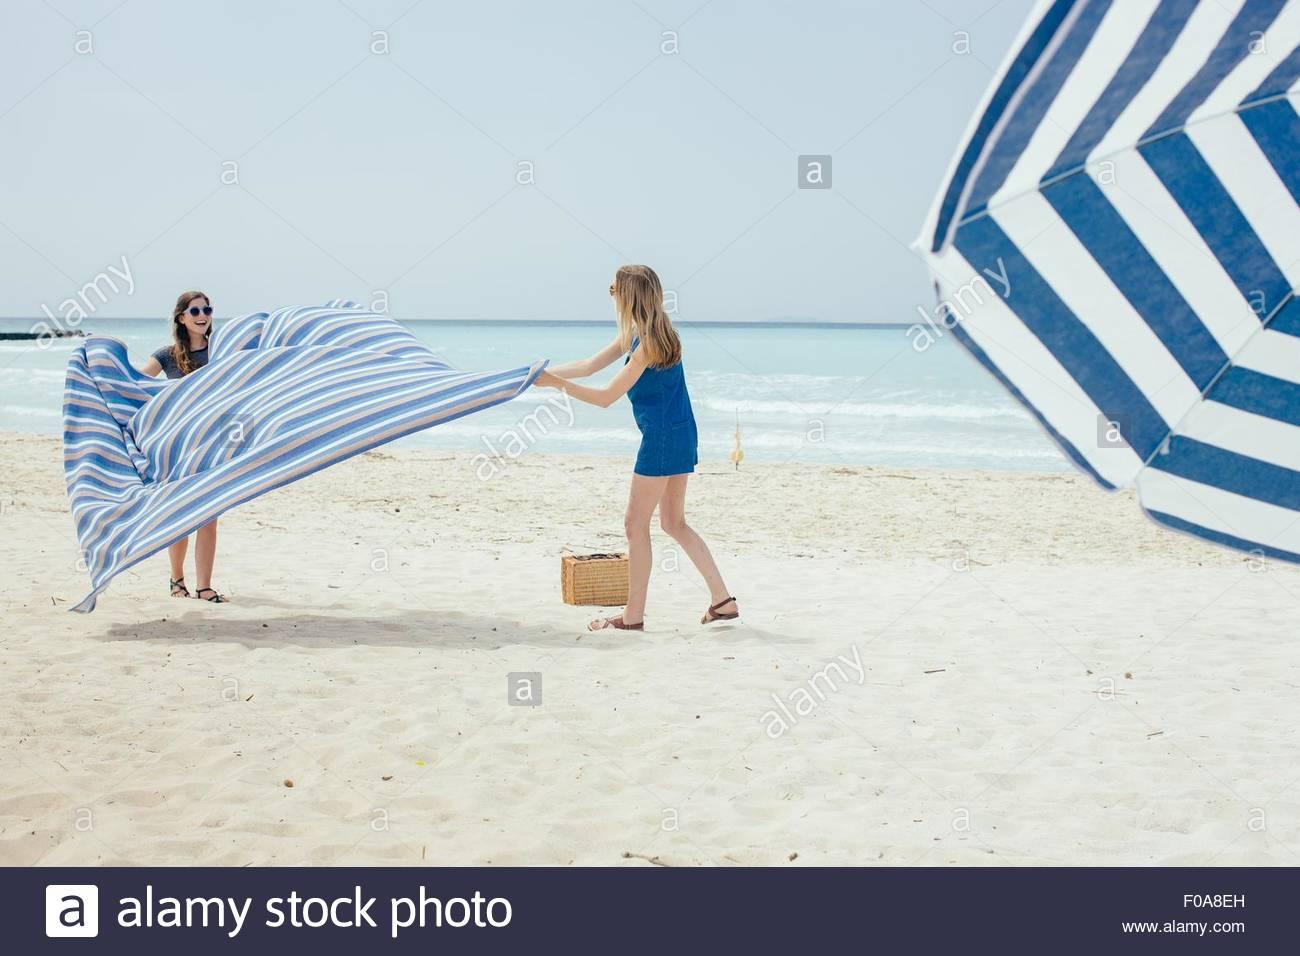 Dos amigas jóvenes tendido manta para picnic en la playa Imagen De Stock